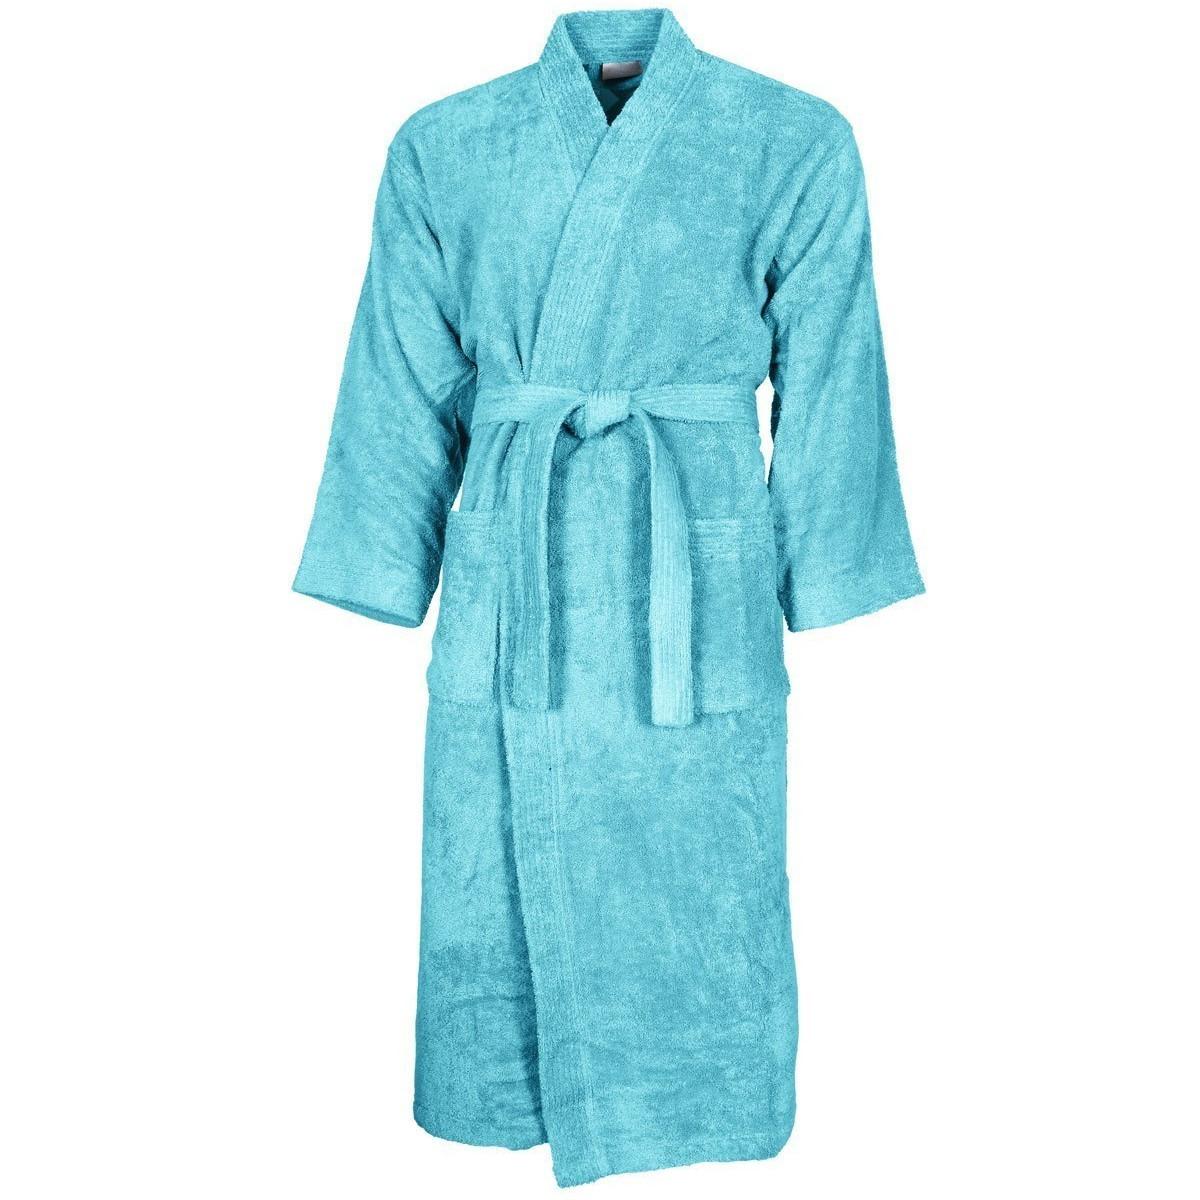 LUXURY - Peignoir de bain mixte 420gr/m²  ki Bleu Turquoise 4-XL